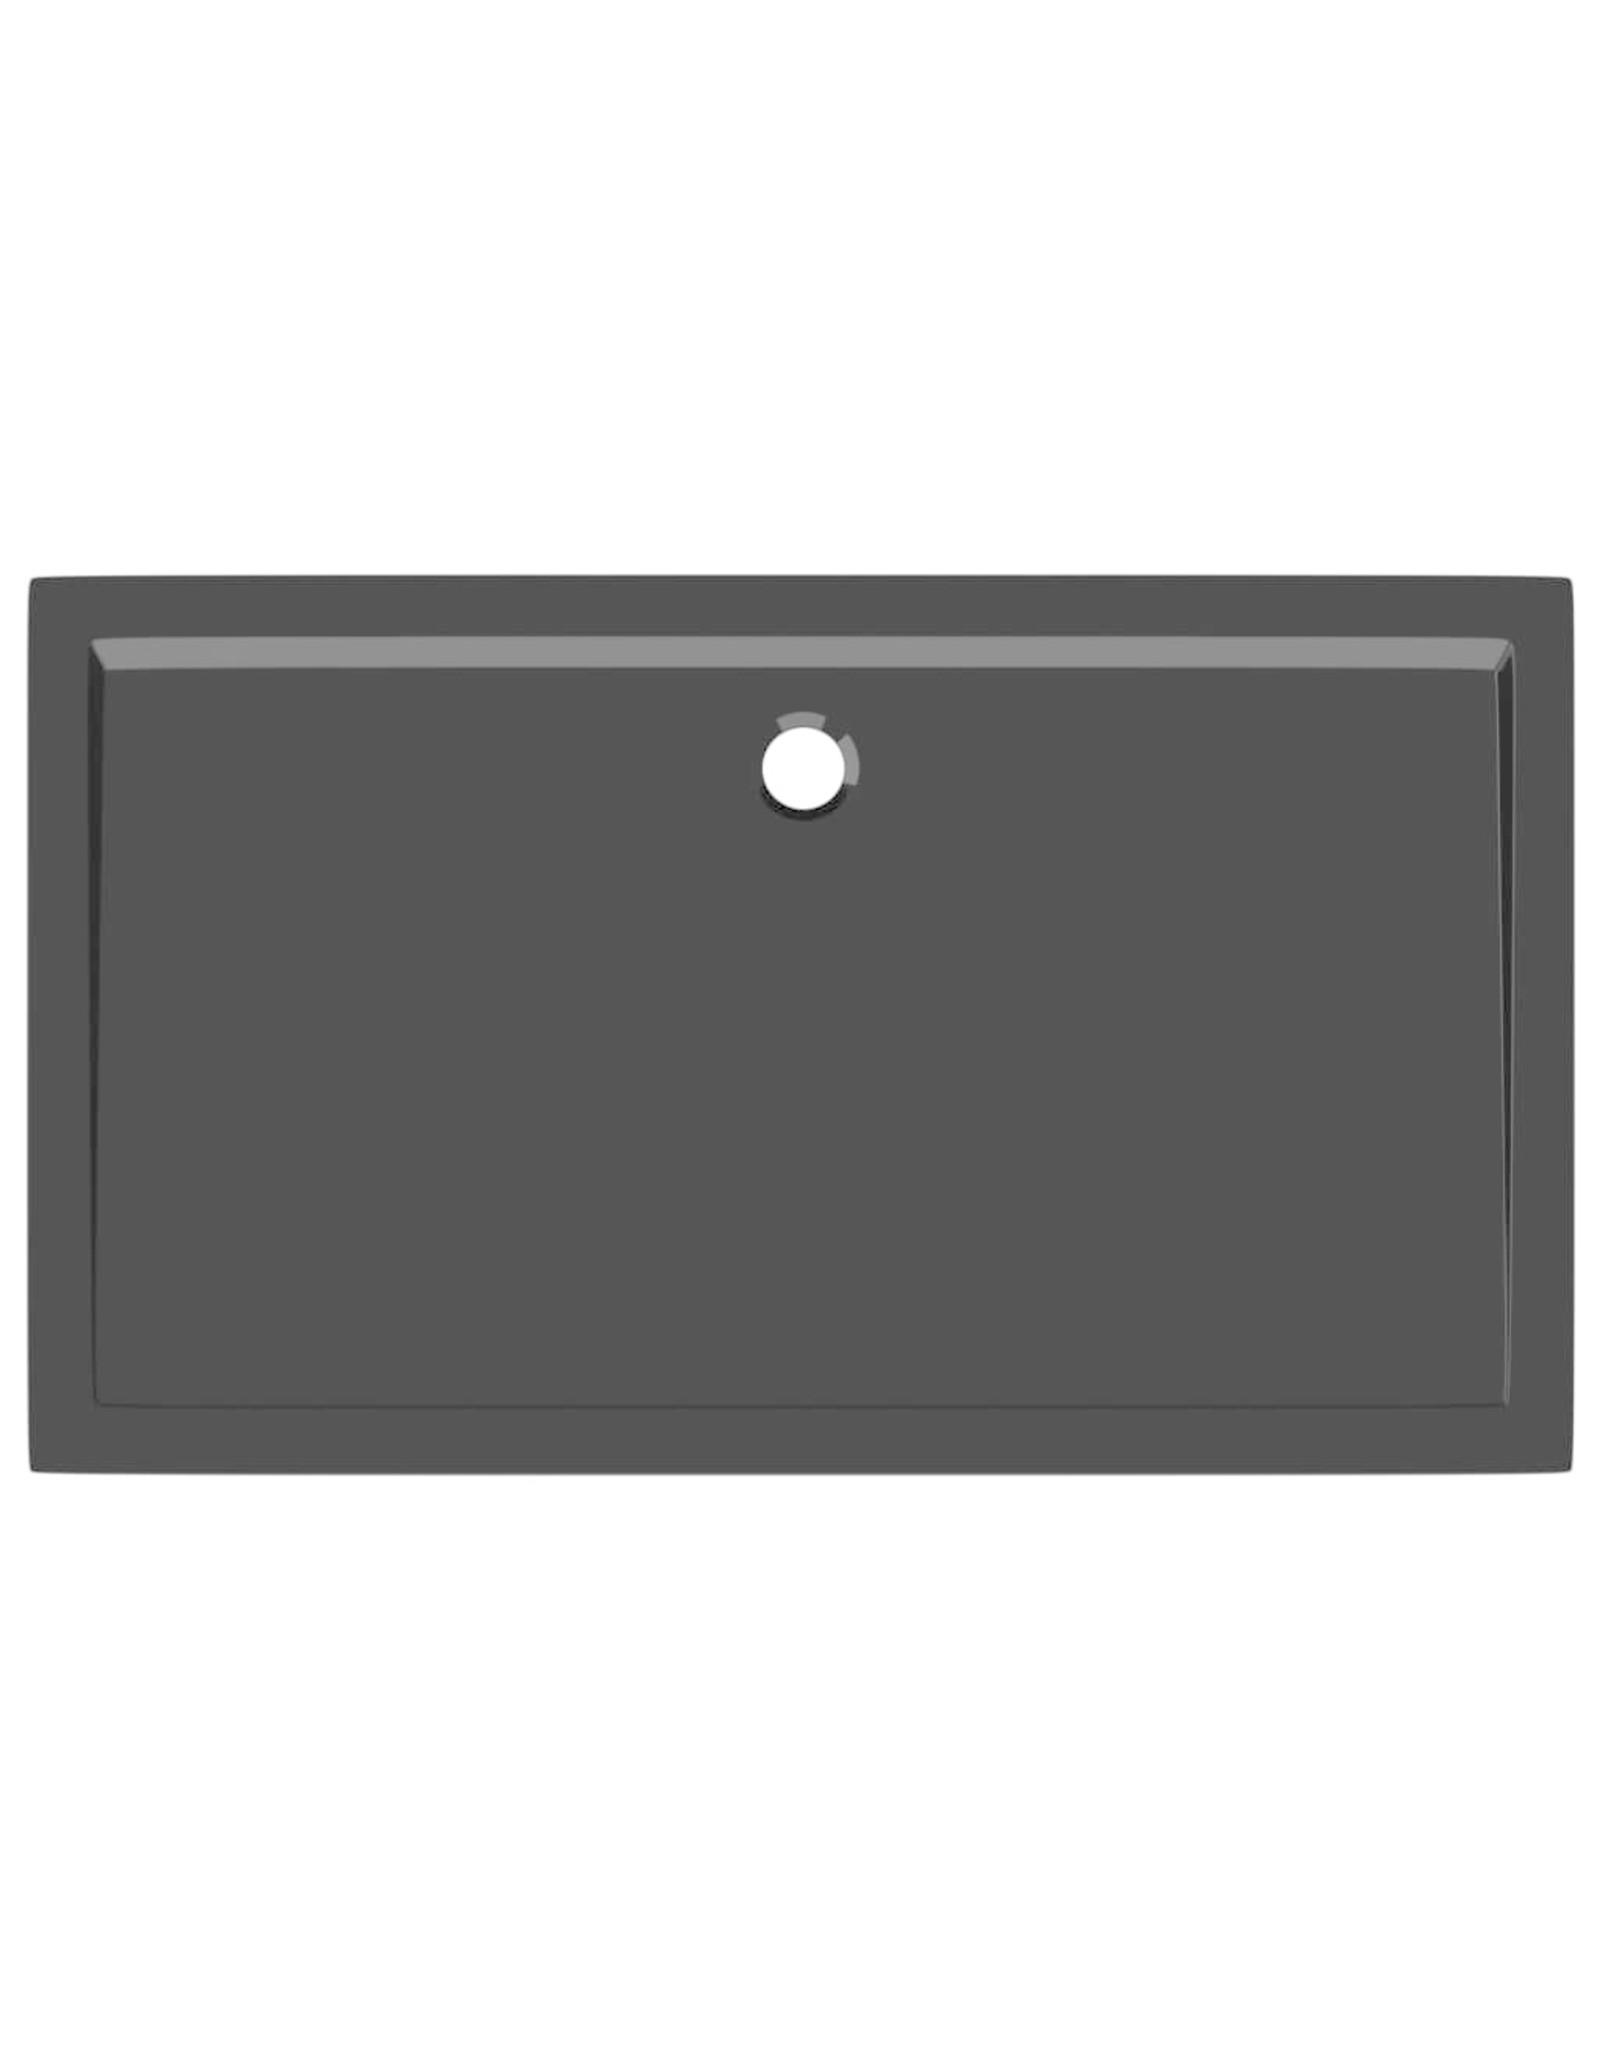 Douchebak rechthoekig 70x120 cm ABS zwart